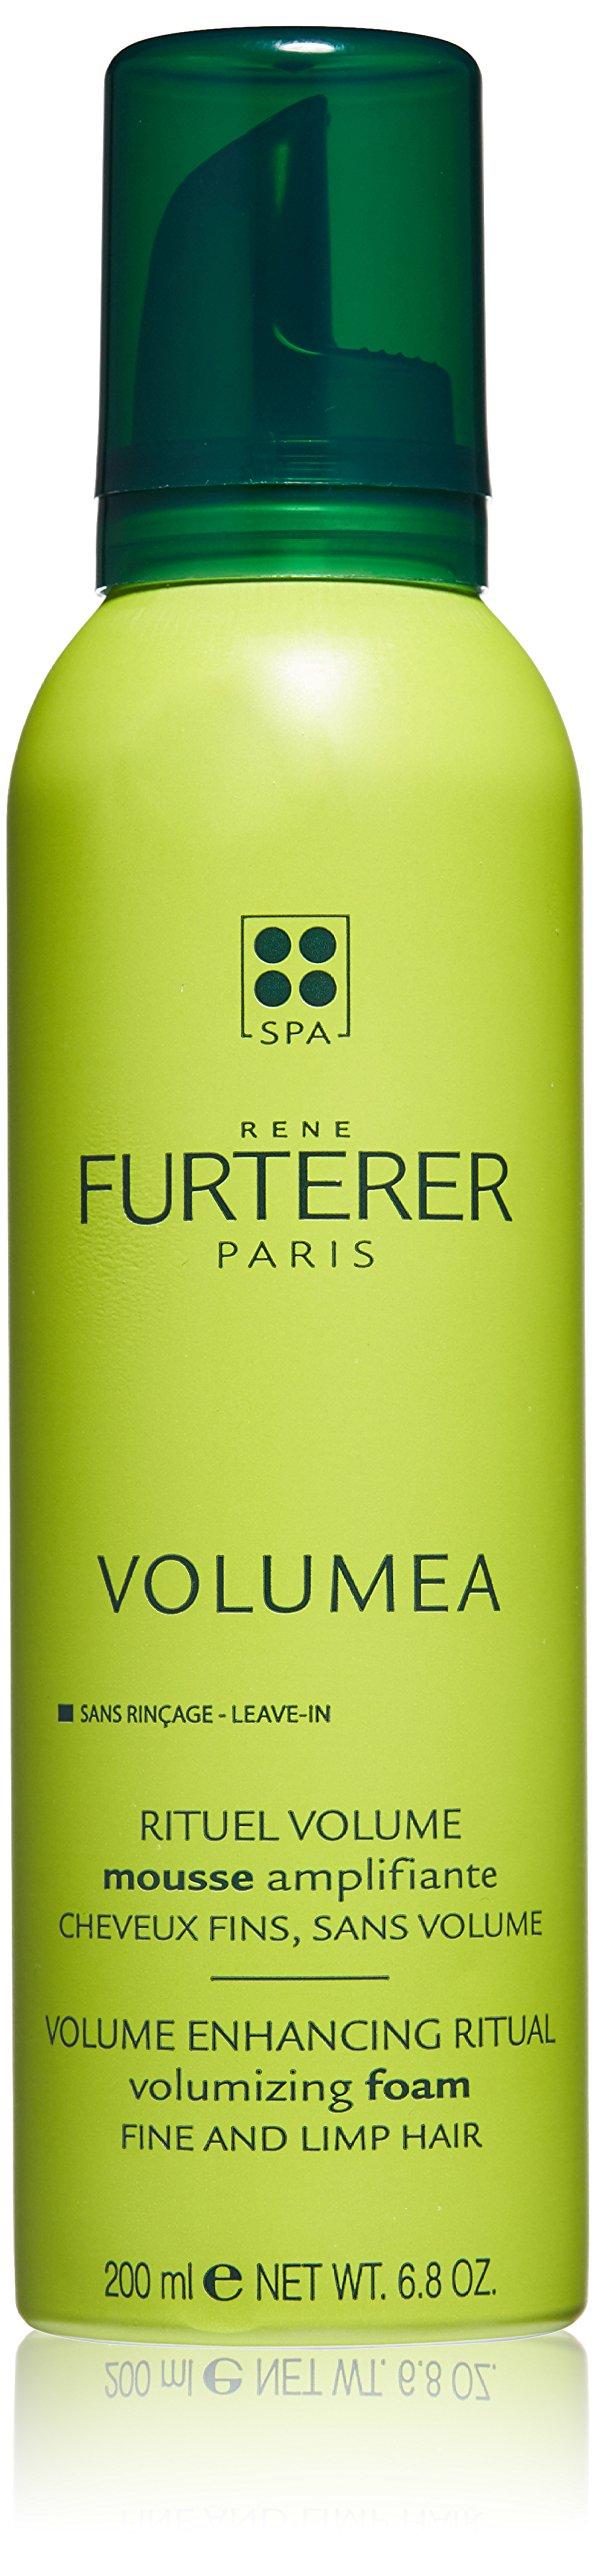 Rene Furterer Volumea Volumizing Foam, 6.8 fl. oz.